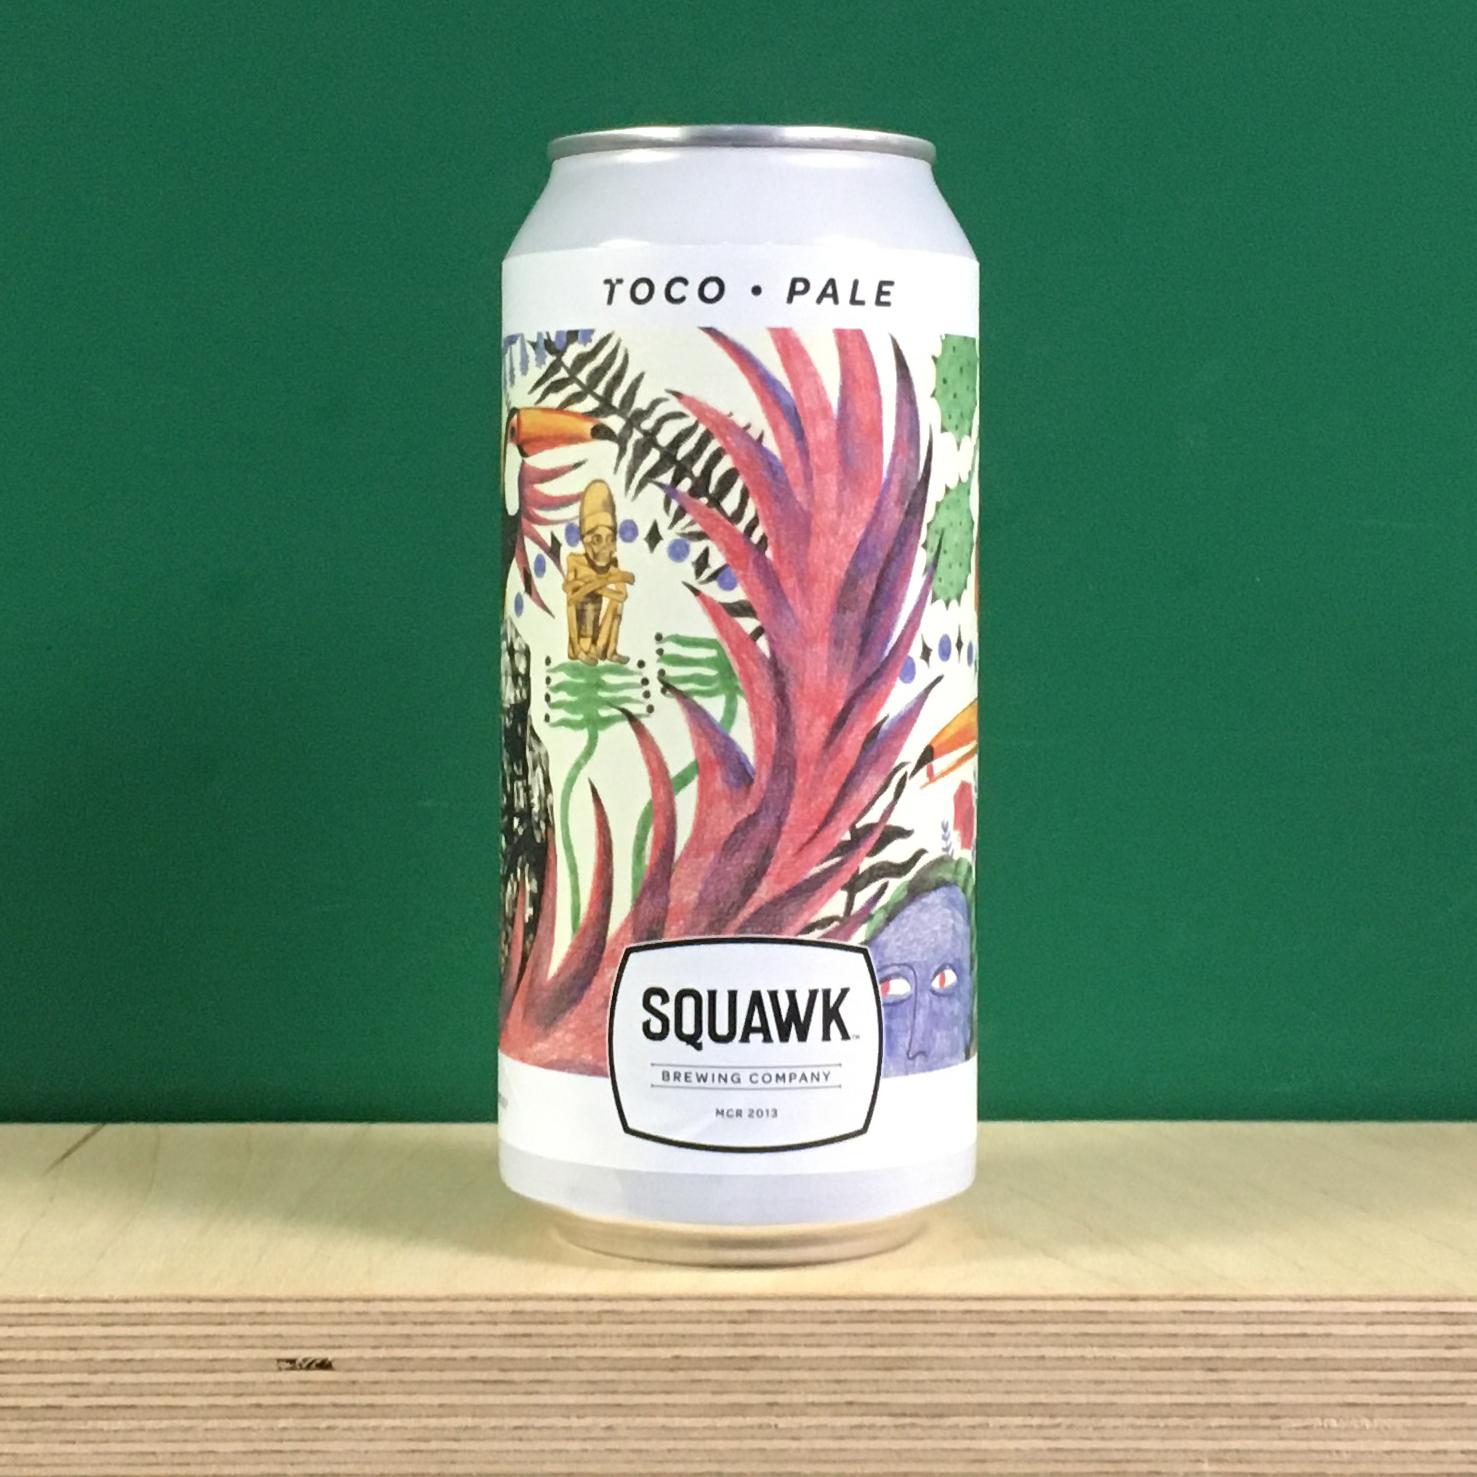 Squawk Toco Pale